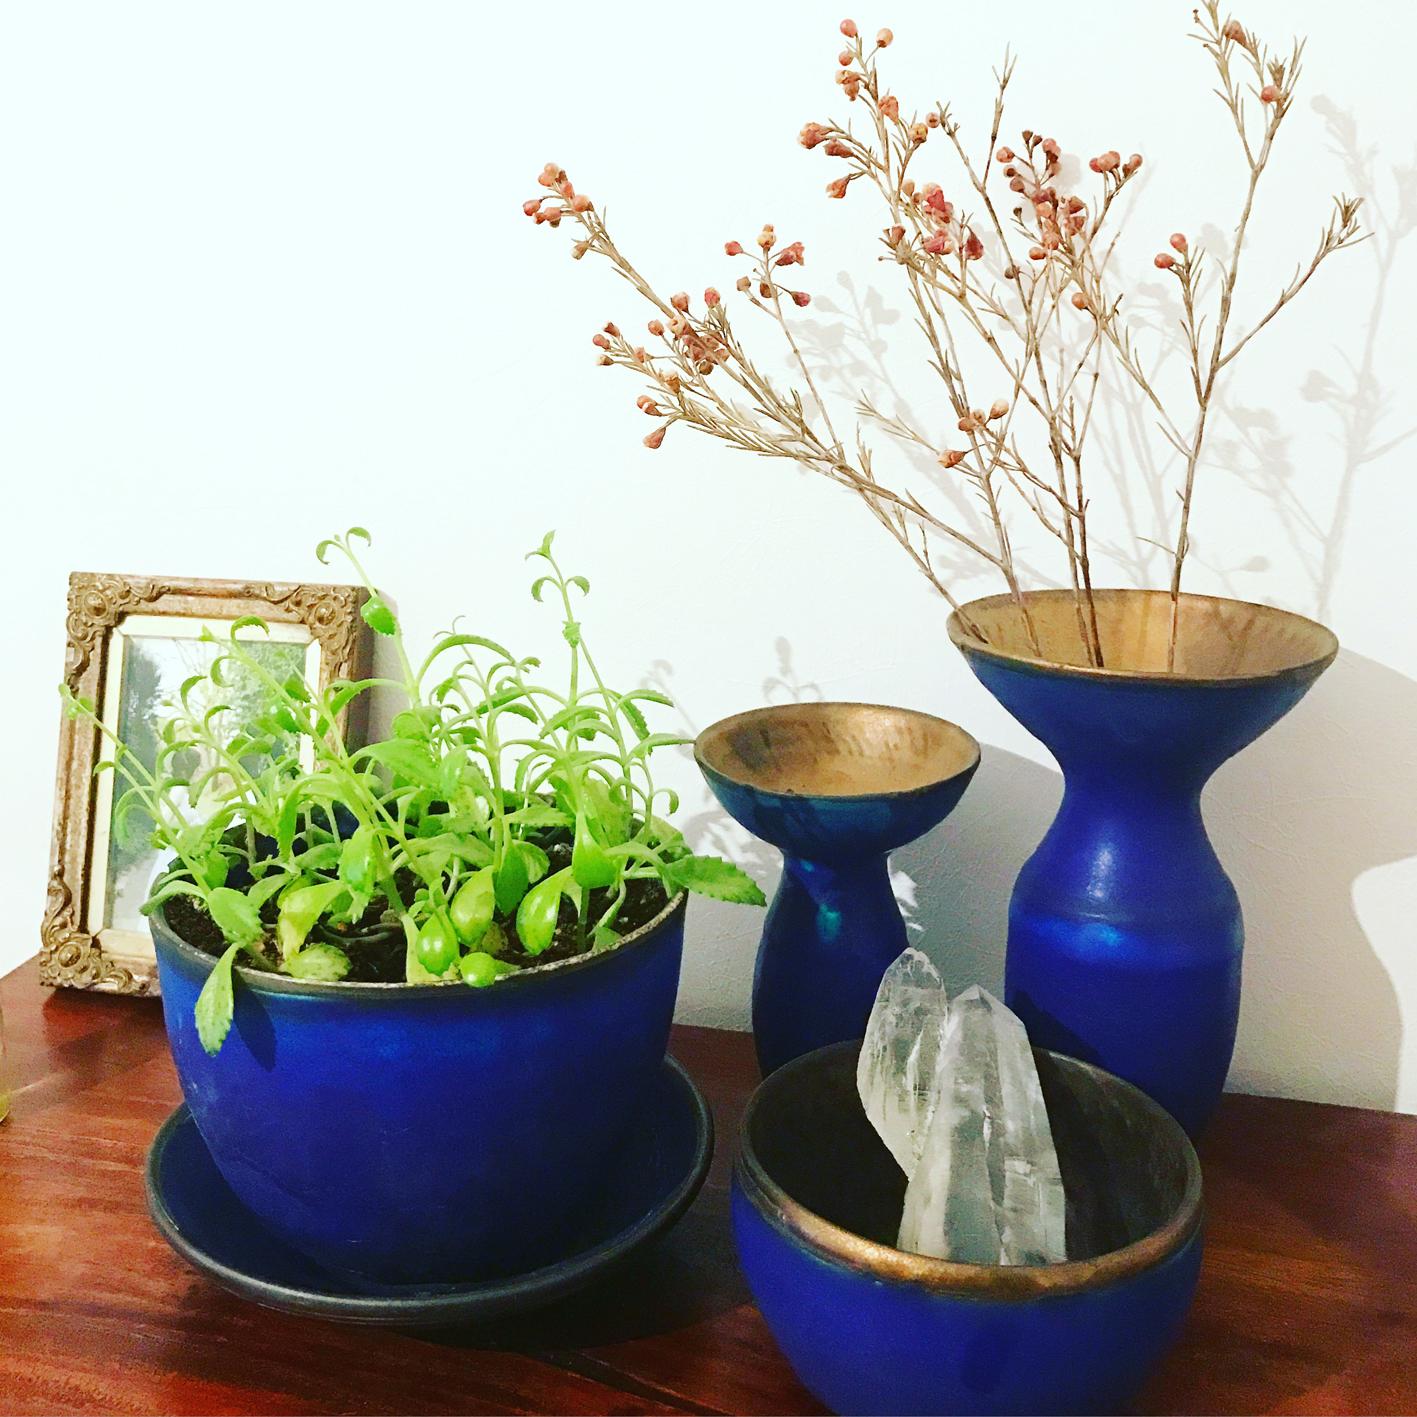 花のある暮らし 植物のある暮らし